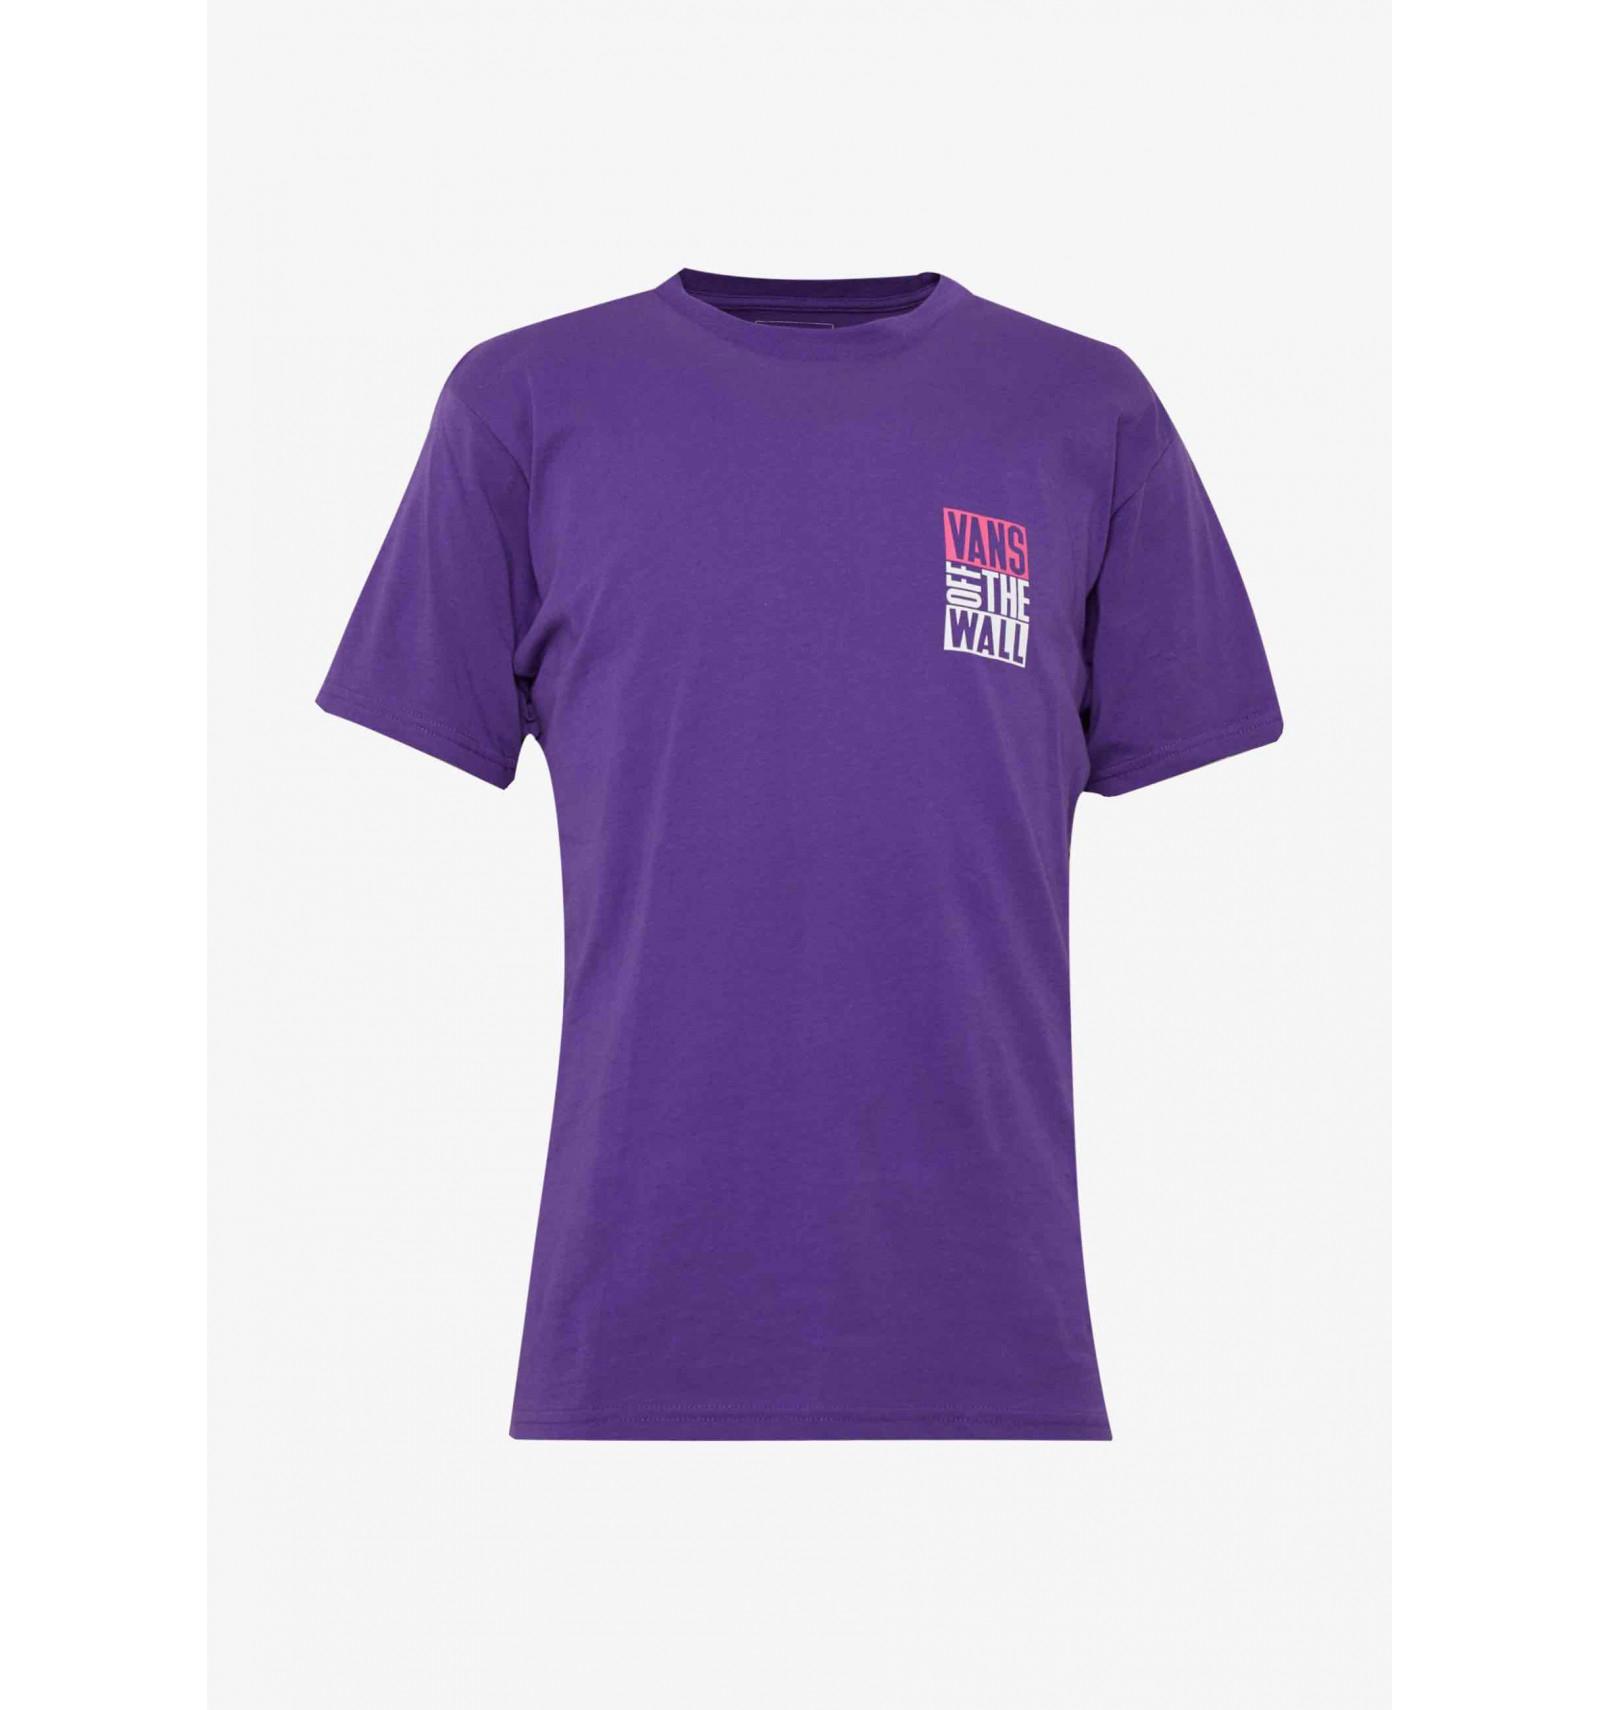 T-Shirt Vans New Staxx